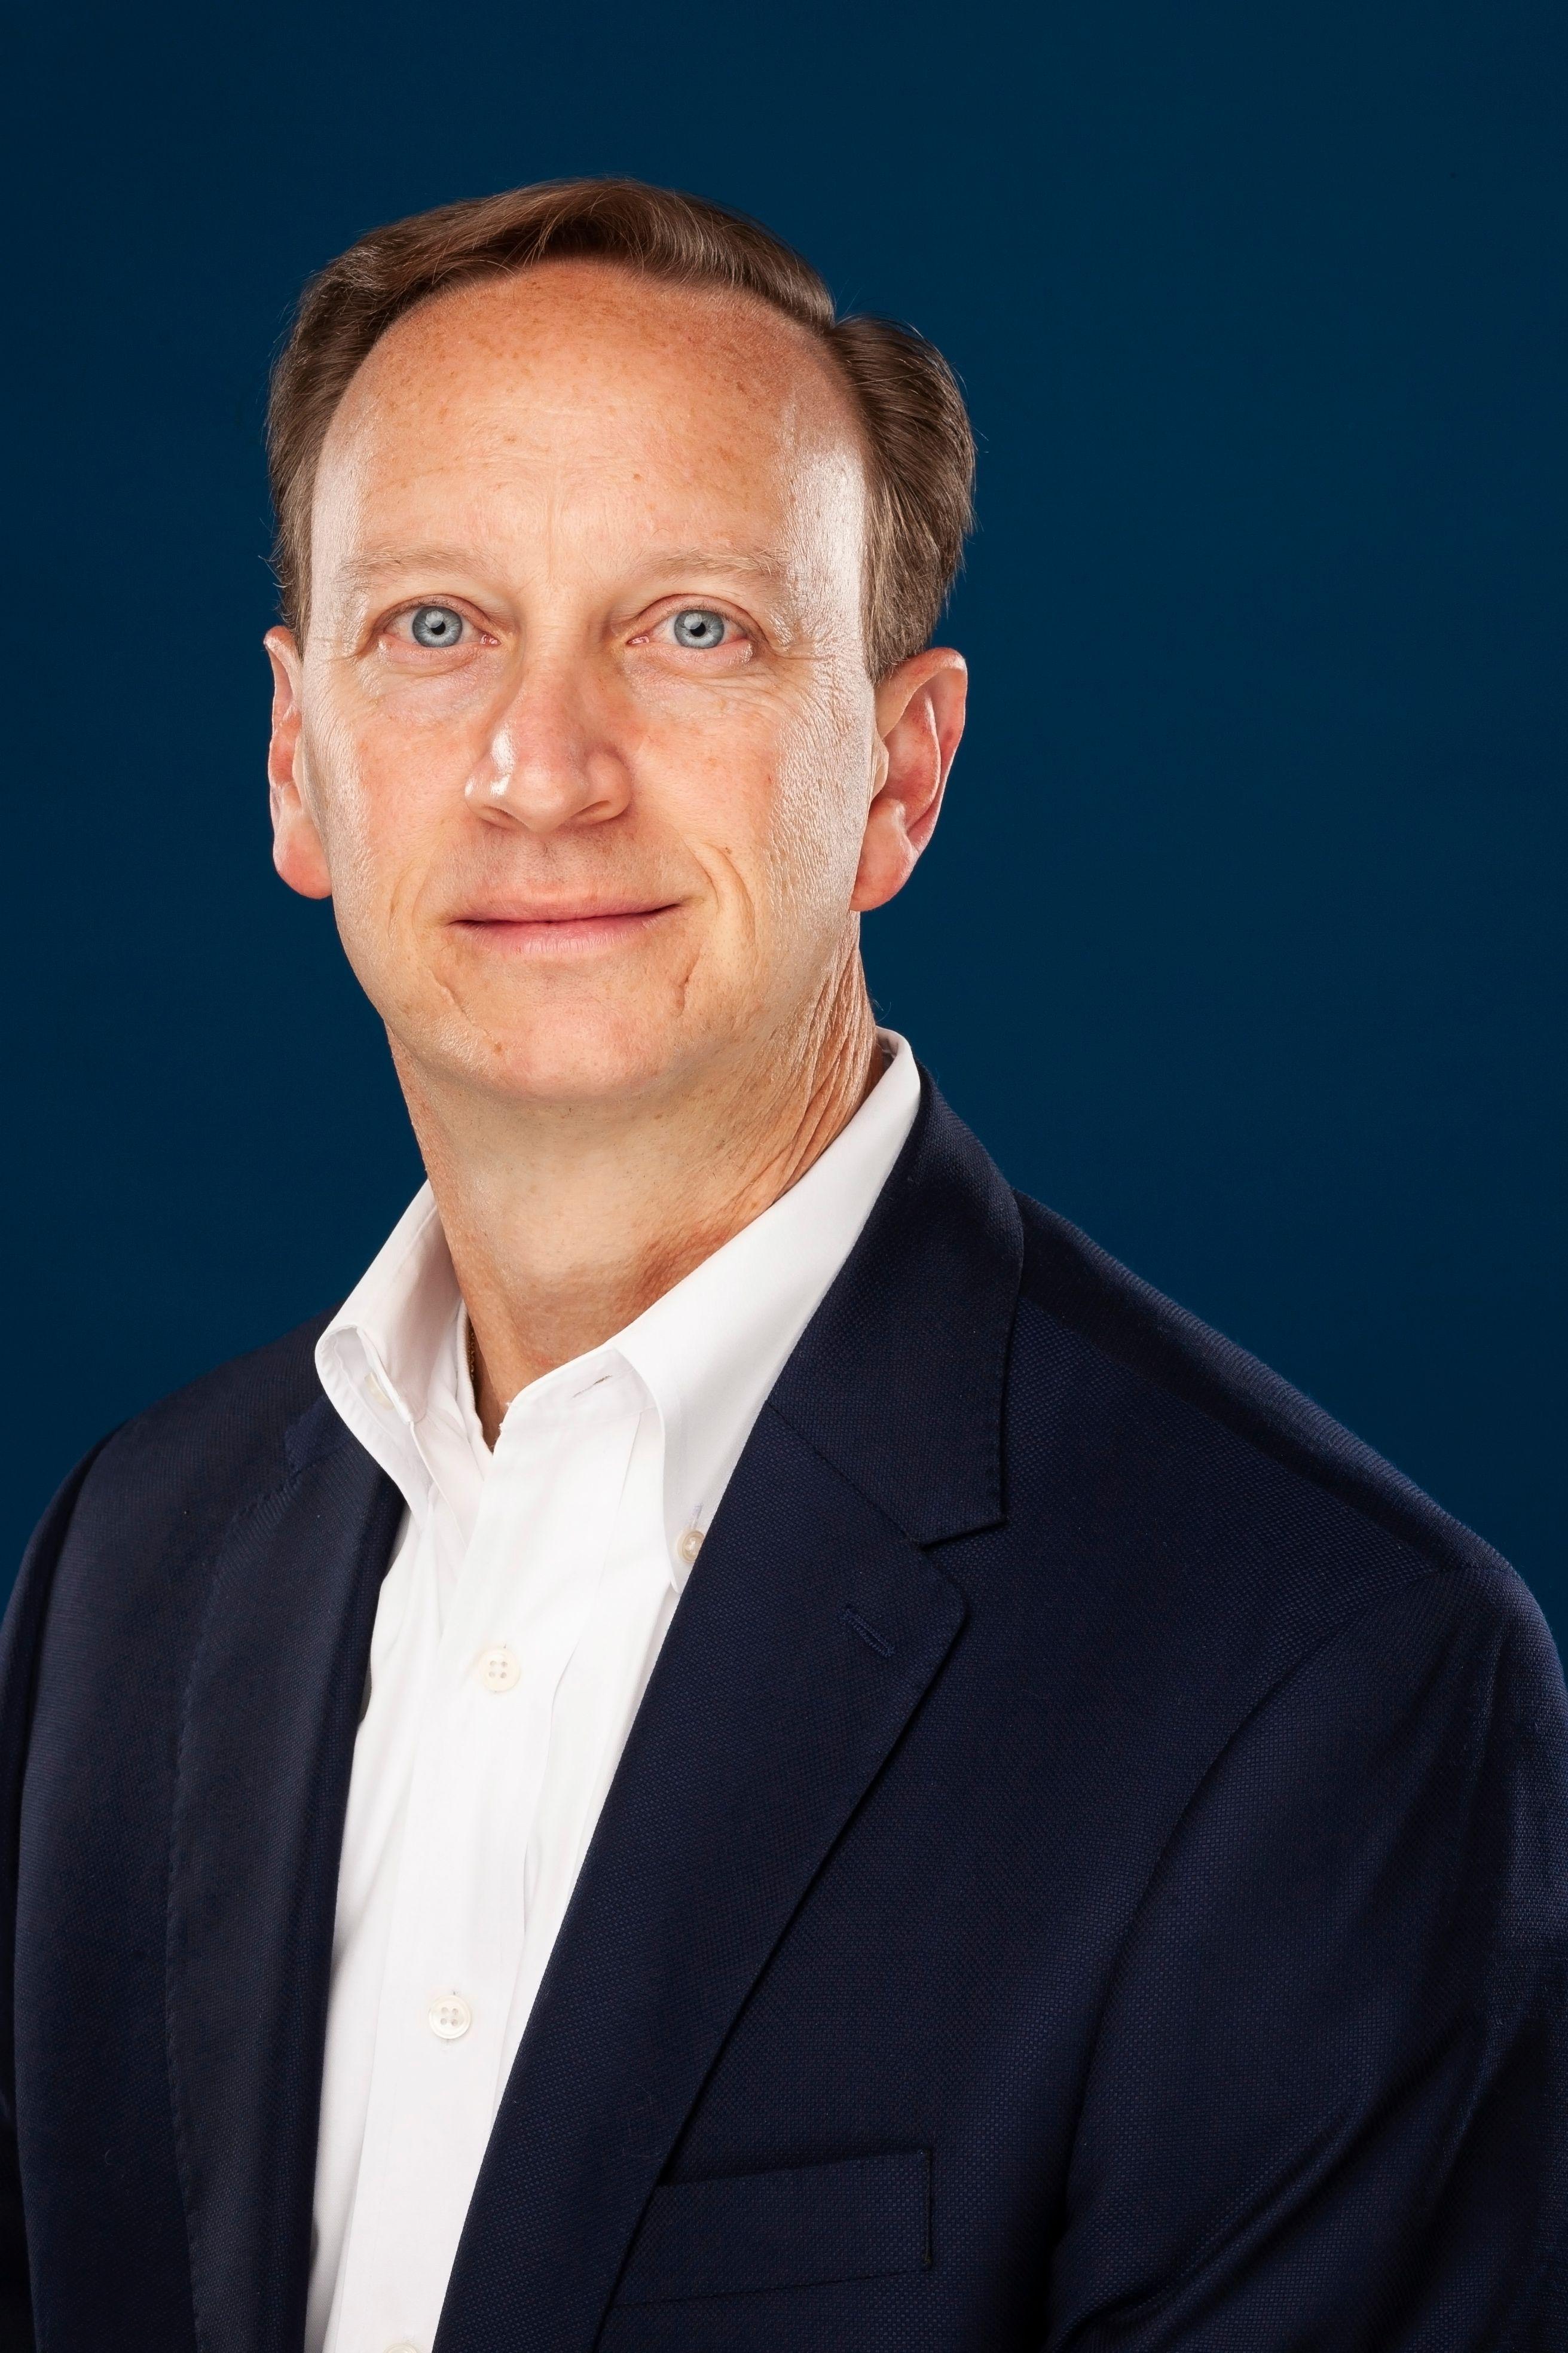 Jeff Livaudais